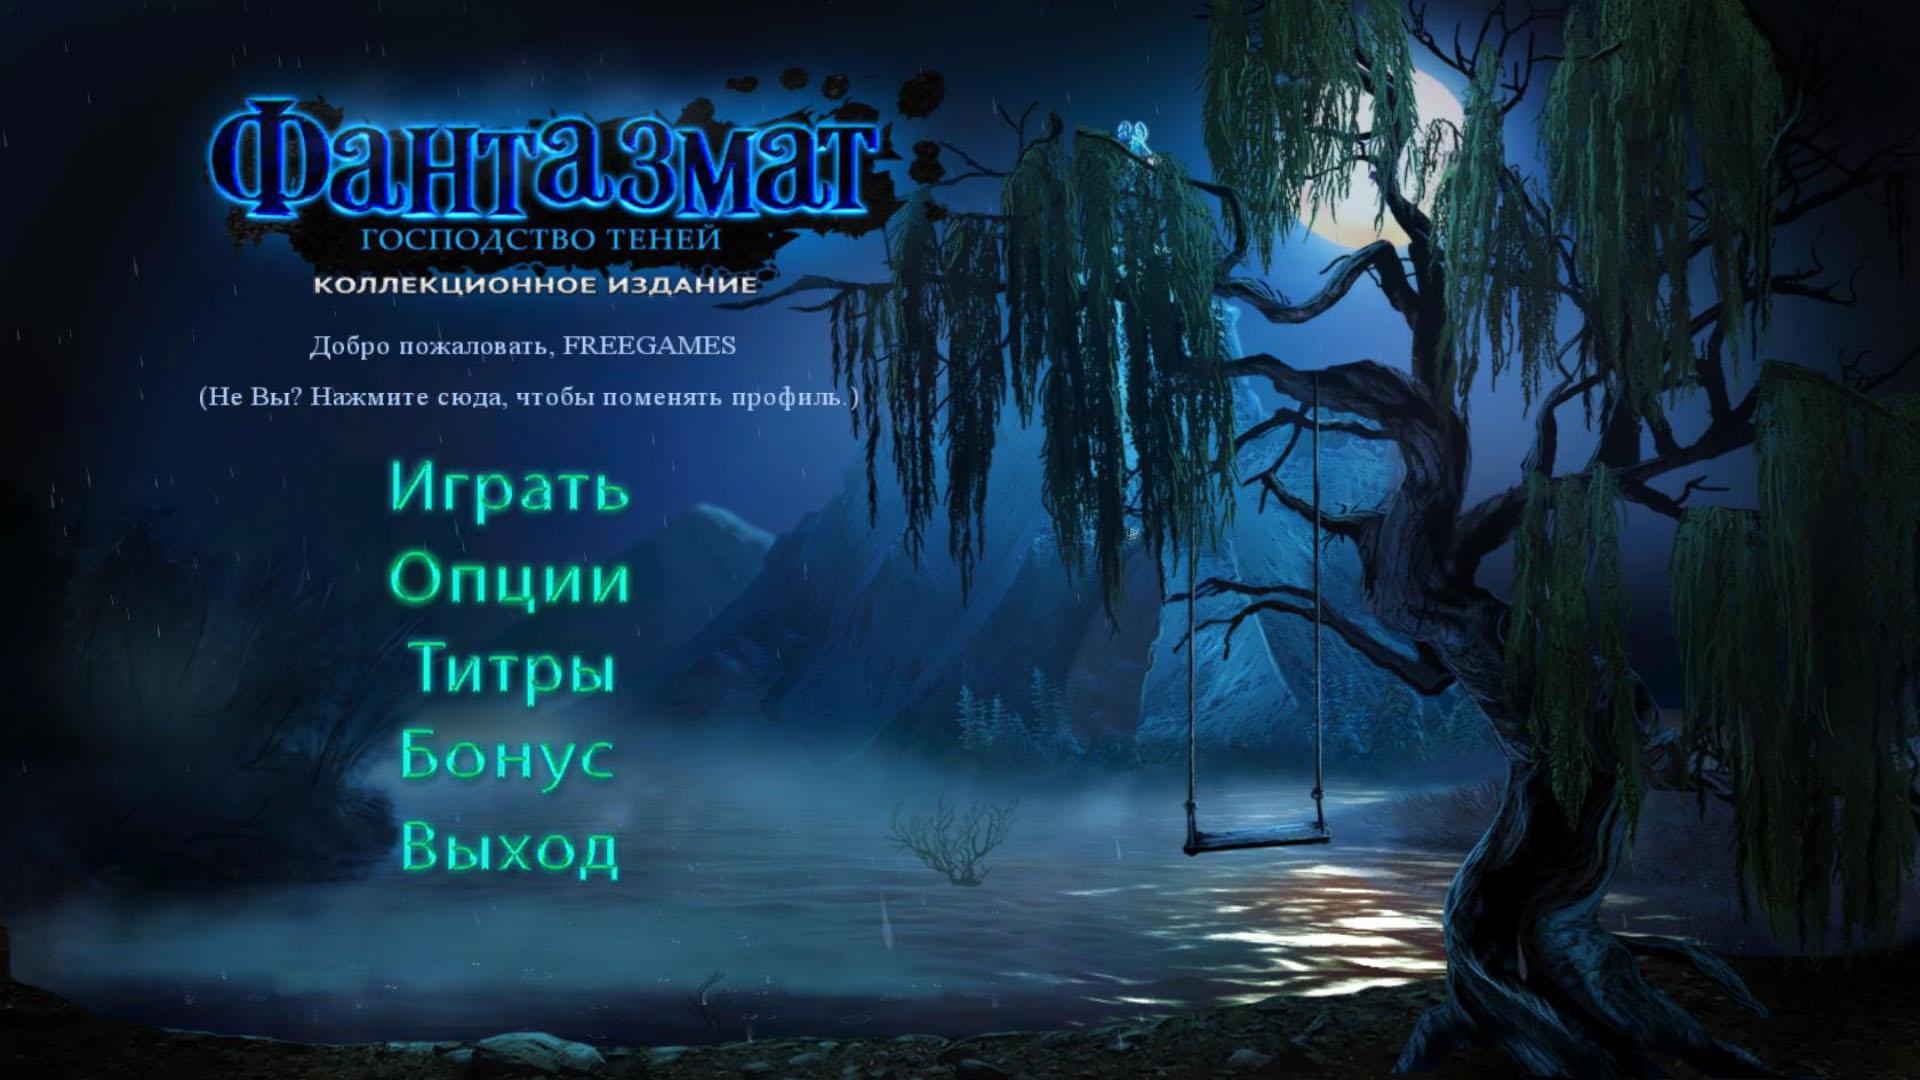 Фантазмат 7: Господство теней. Коллекционное издание | Phantasmat 7: Reign of Shadows CE (Rus)